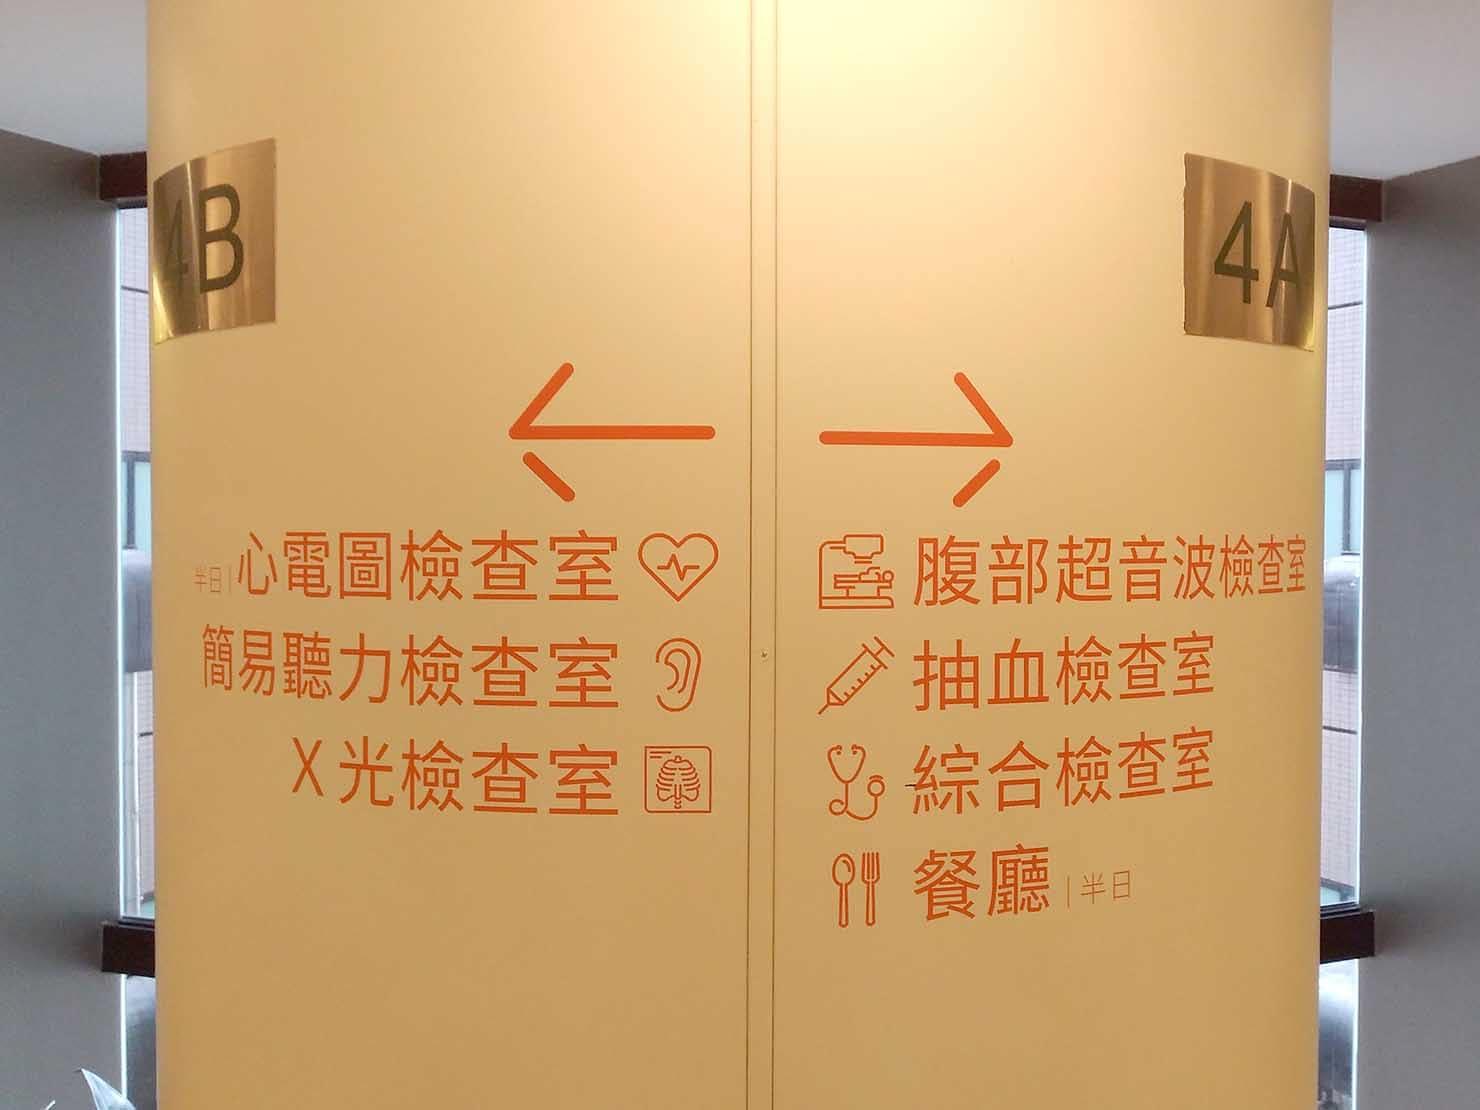 臺北在住の僕は「國泰健康管理」で健康診斷。おしゃれな環境でリラックスして検査を受けたい方に ...